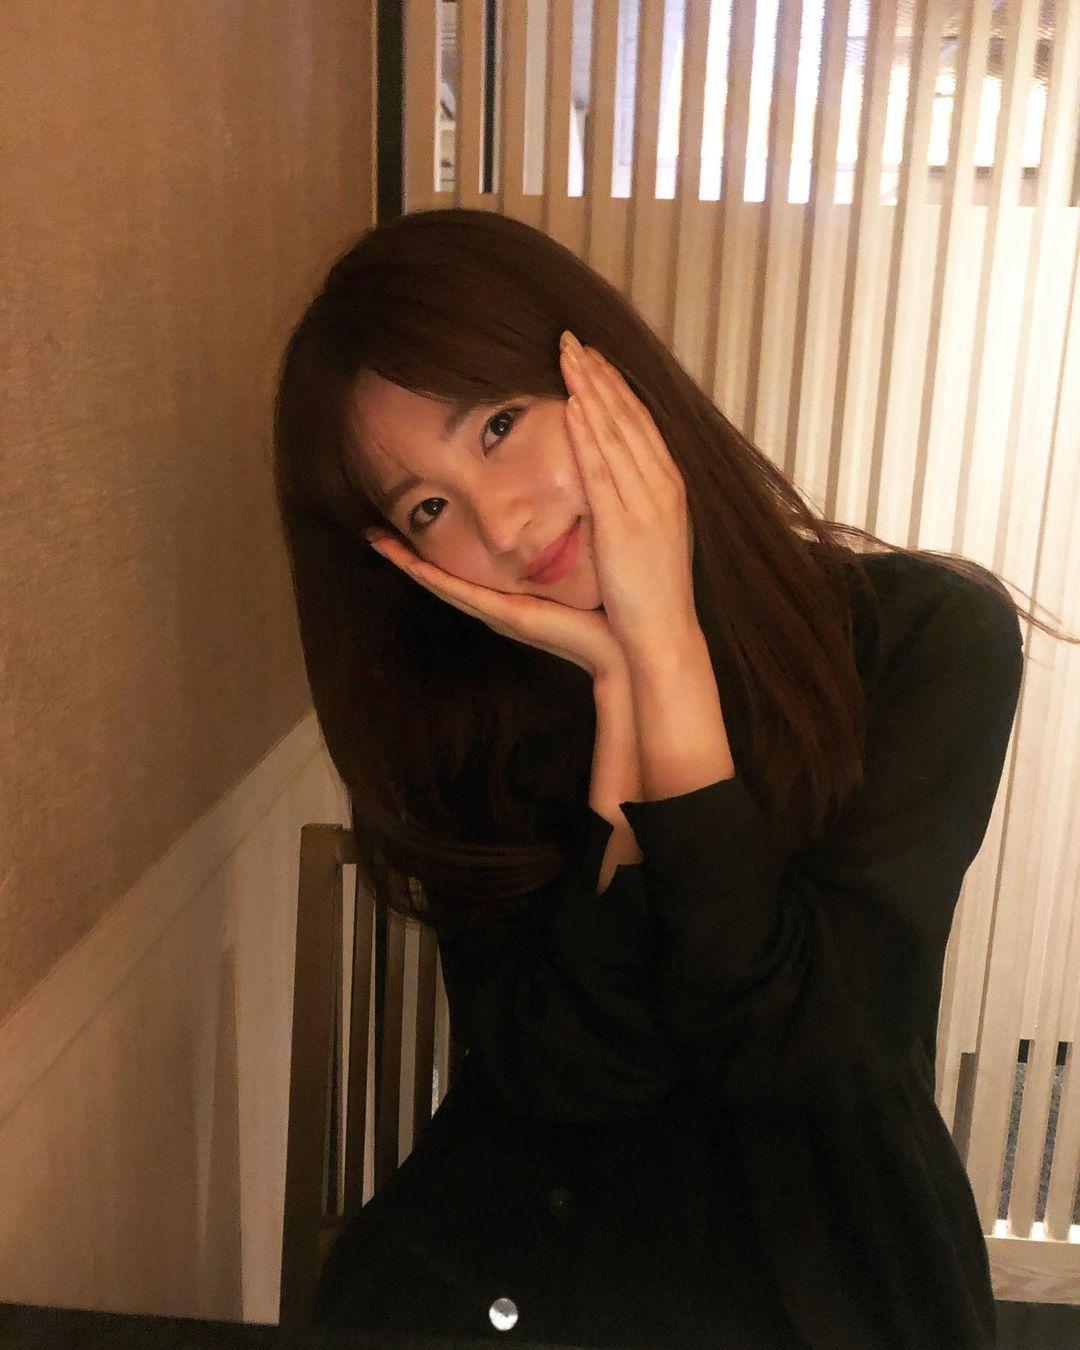 日系时尚杂志模特冈崎纱绘清甜笑容亲和力十足完全就是女友理想型 网络美女 第25张